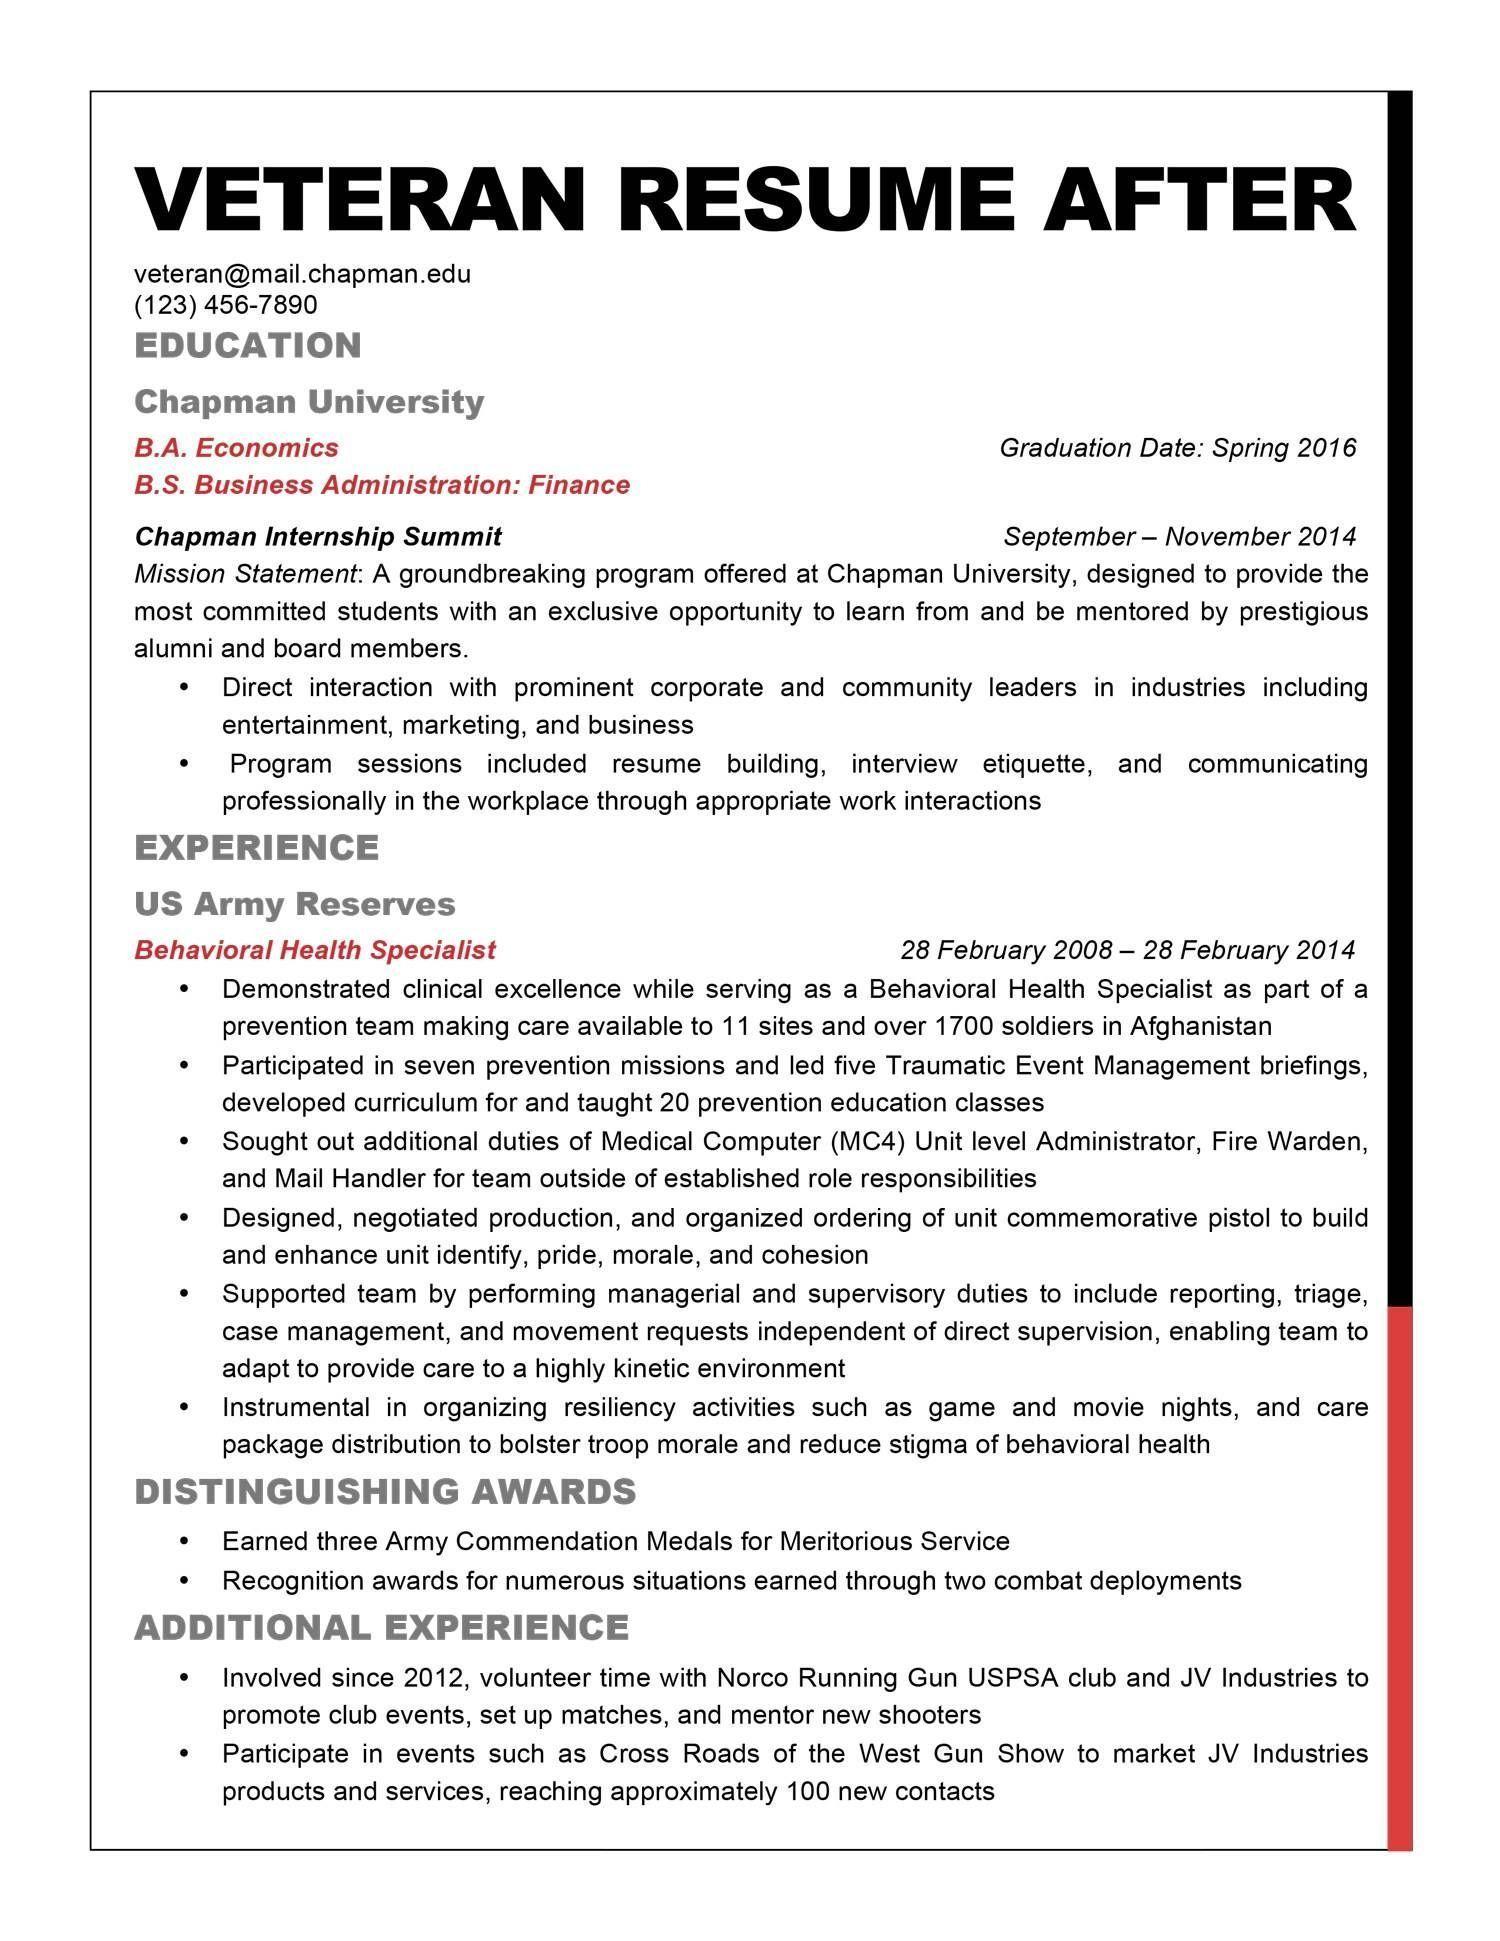 Resume Help For Veterans